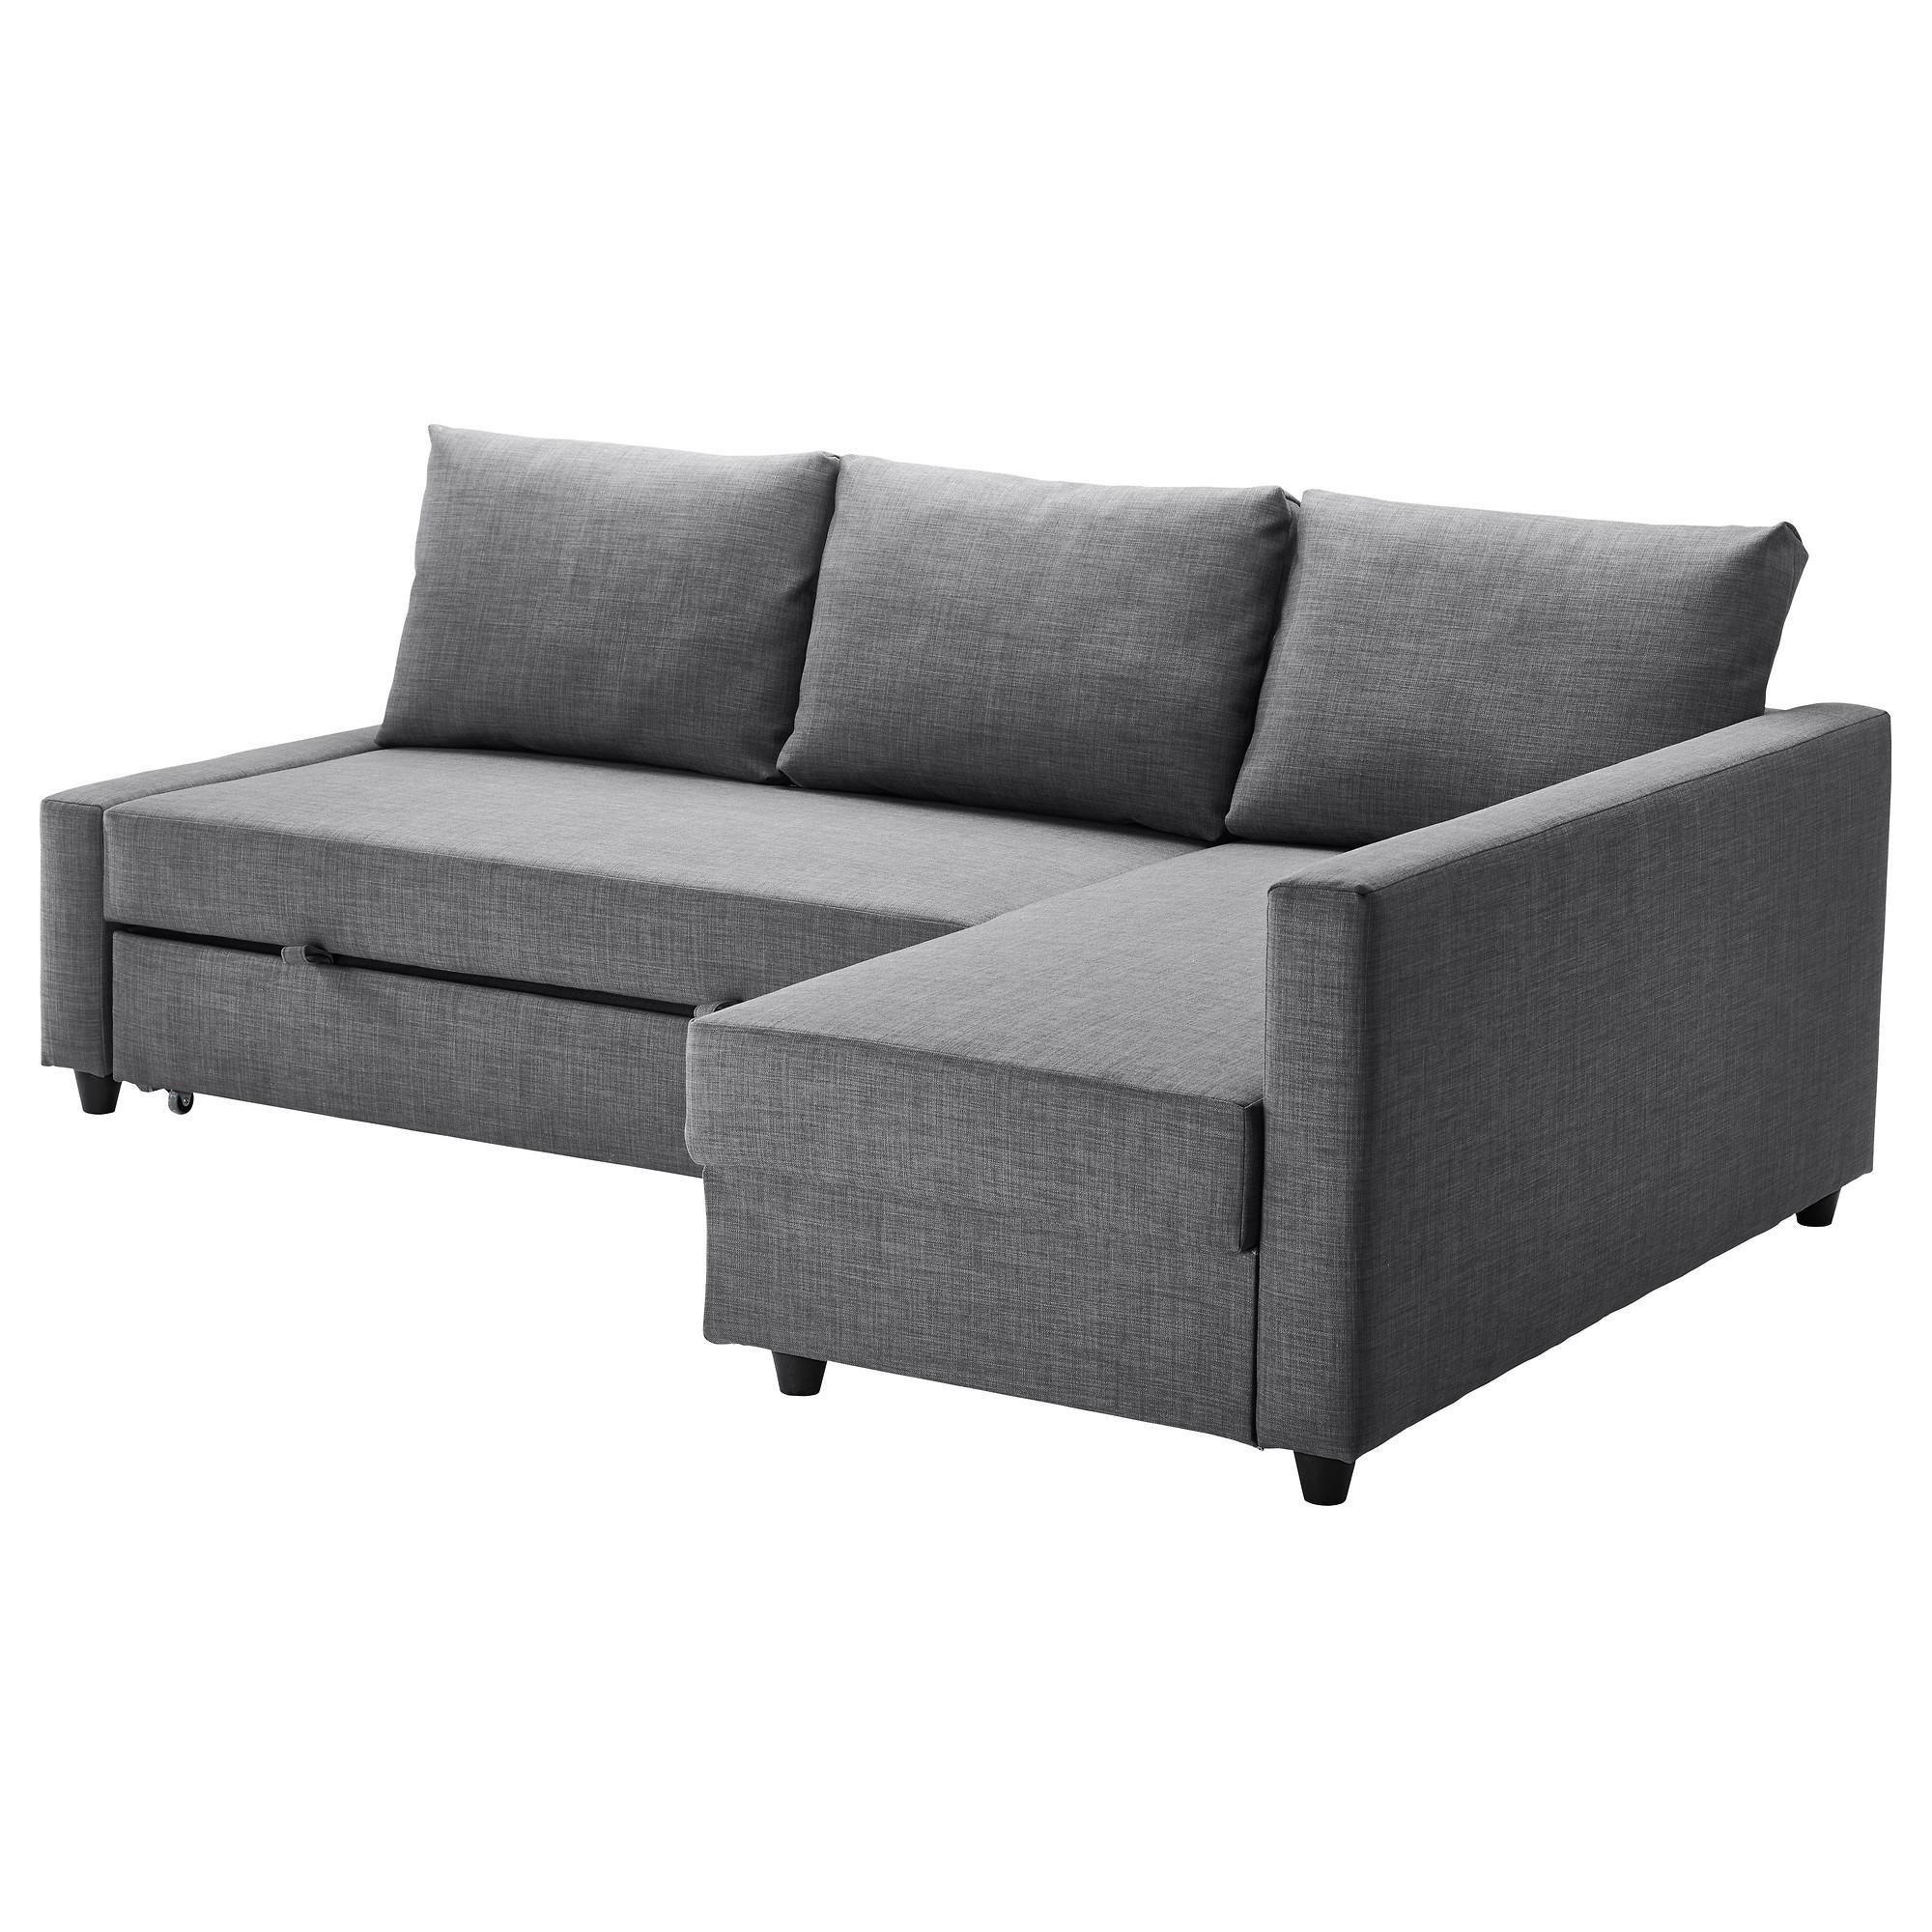 Sofa Beds & Futons – Ikea Inside Ikea Sleeper Sofa Sectional (Image 14 of 20)